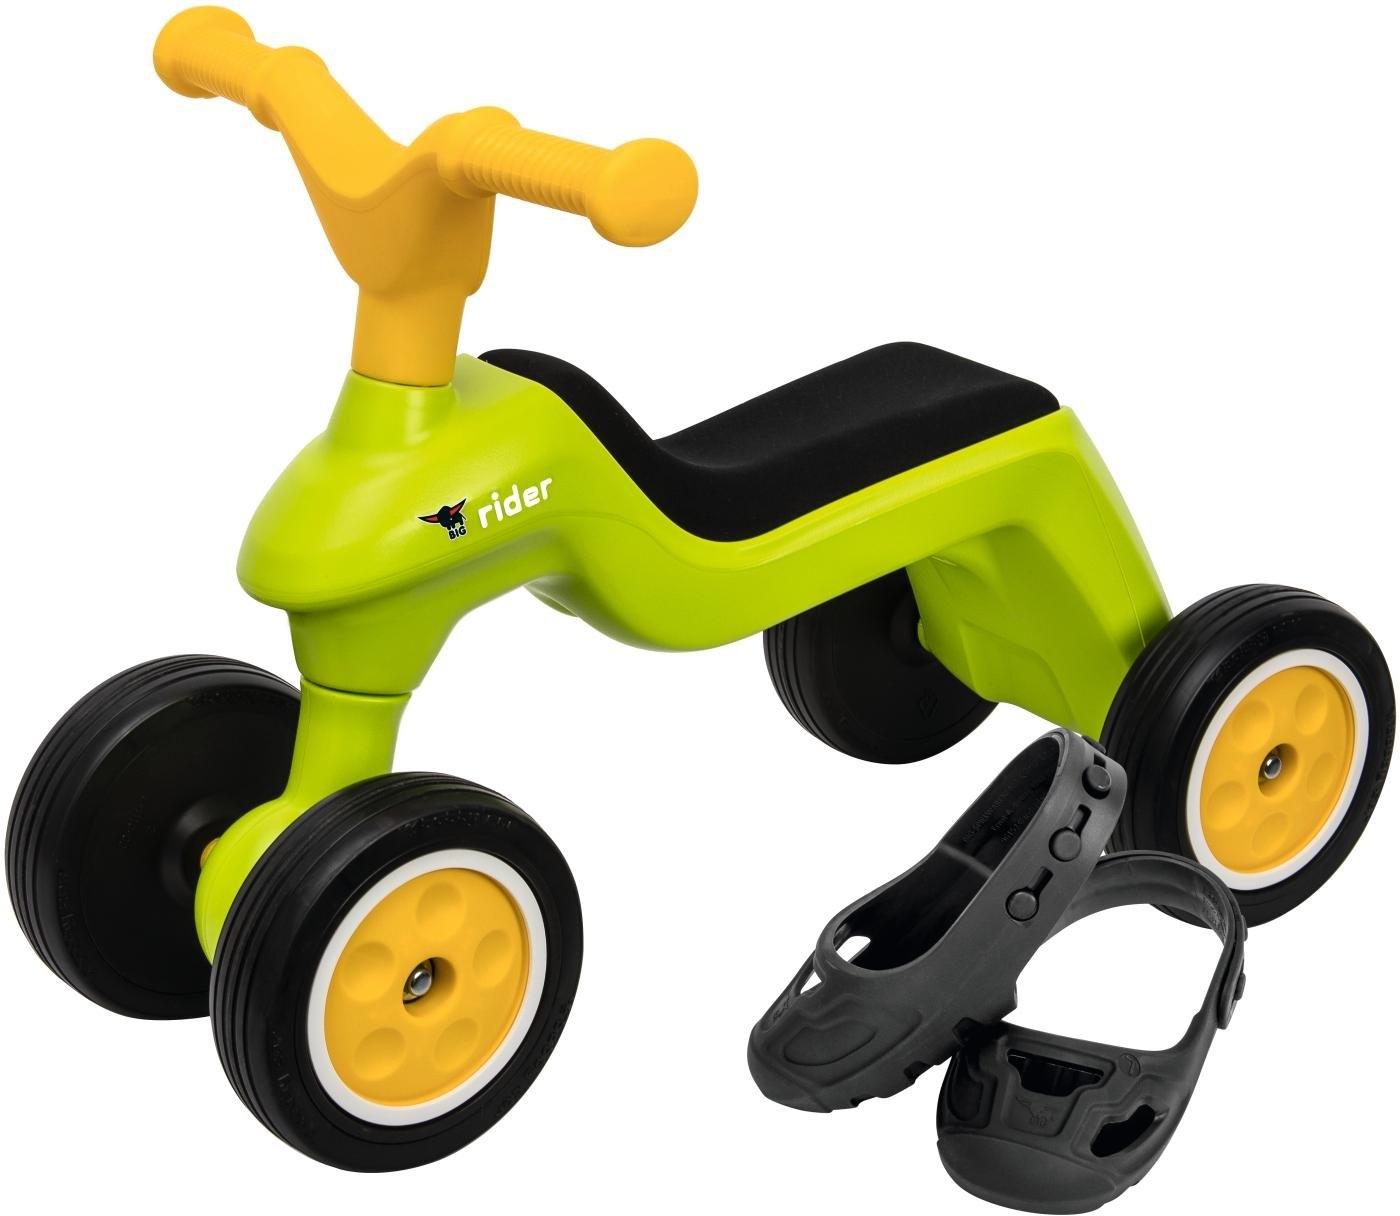 BIG loopwagen inclusief schoenbeschermers, »BIG Rider + BIG Shoe Care, groen/geel« bestellen: 30 dagen bedenktijd